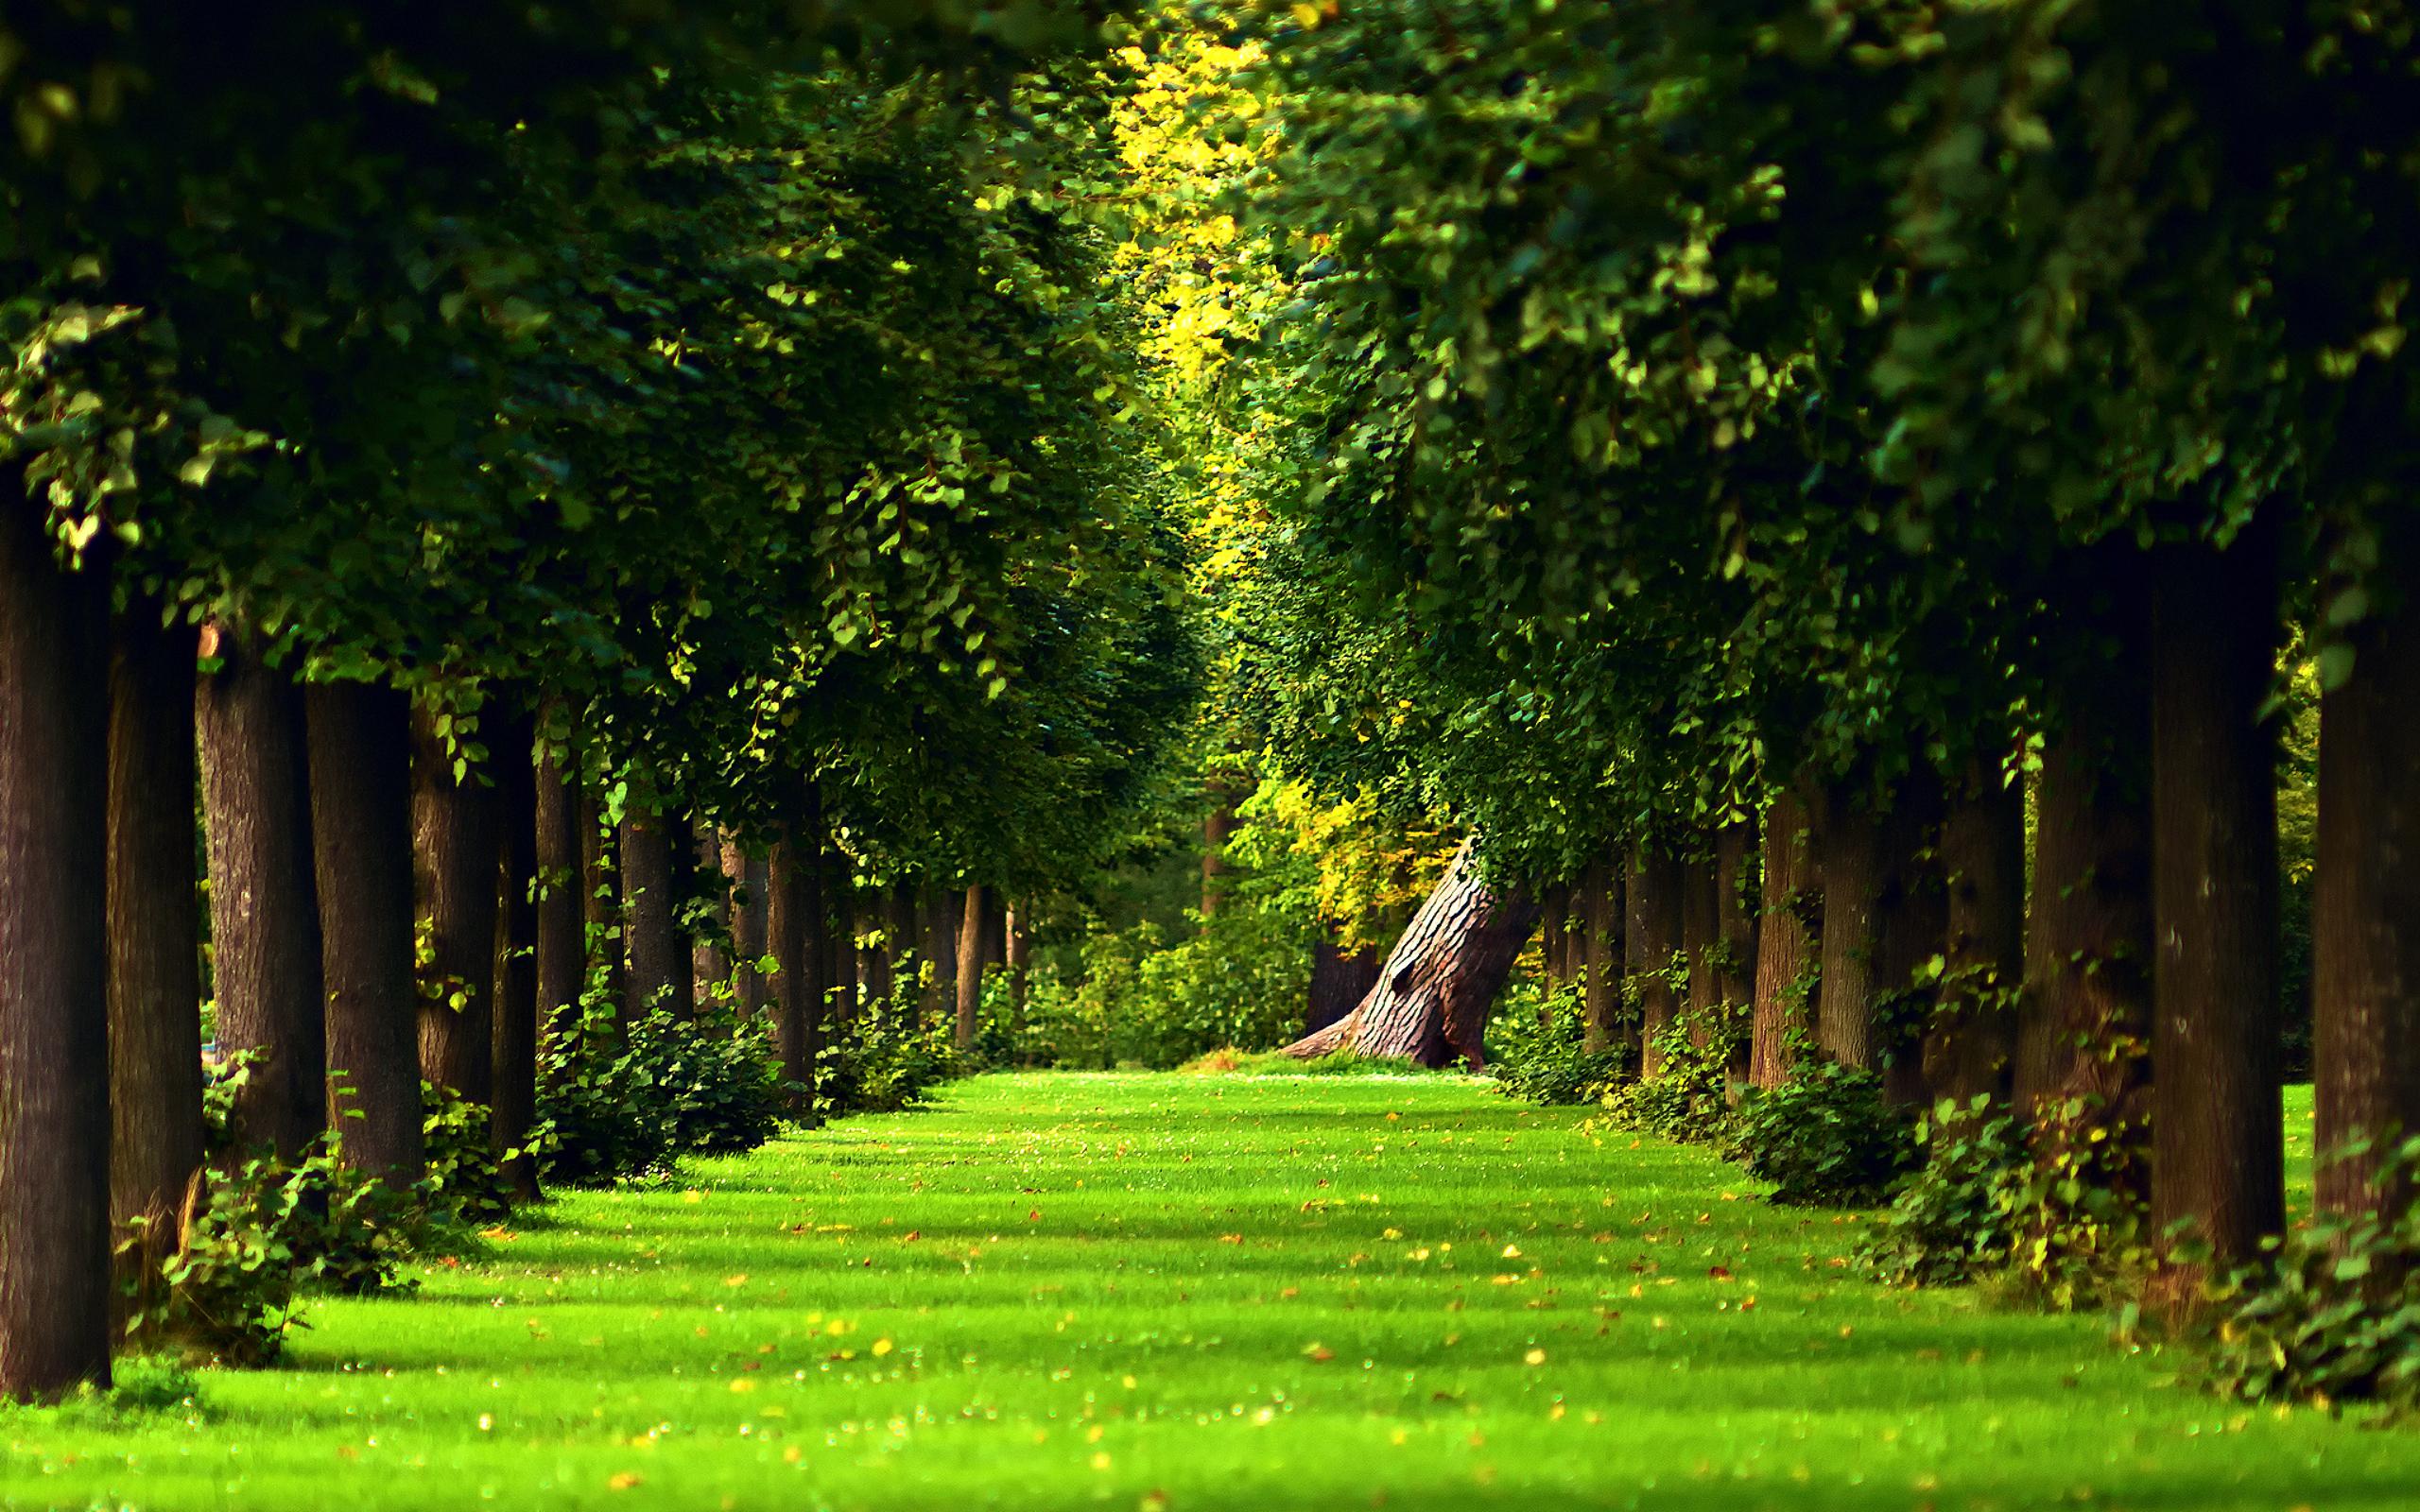 Beautiful Green Forest Wallpaper Desktop Wallpaper with 2560x1600 2560x1600